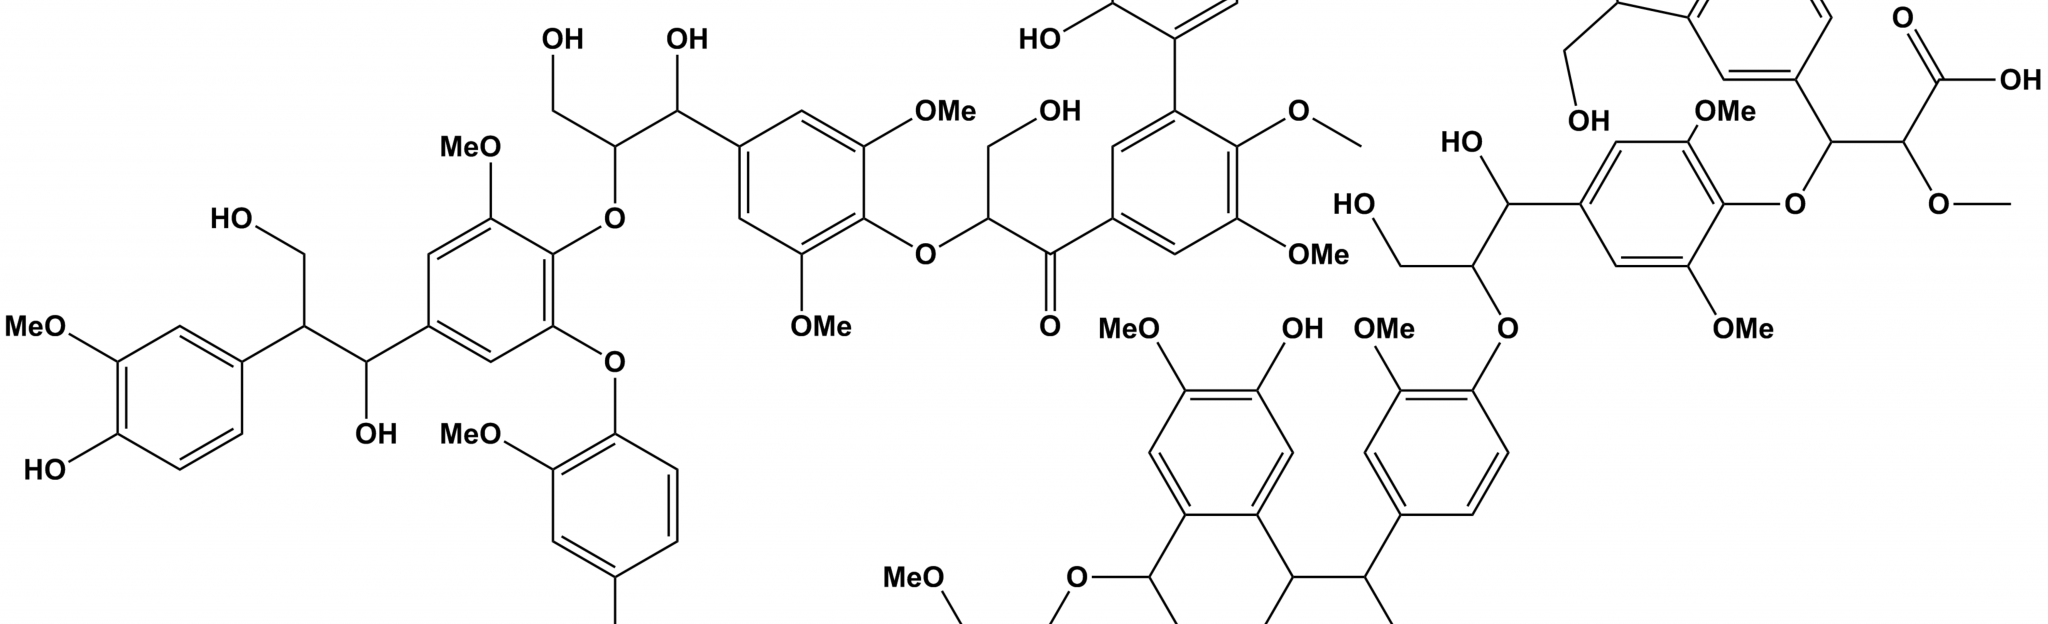 lignin